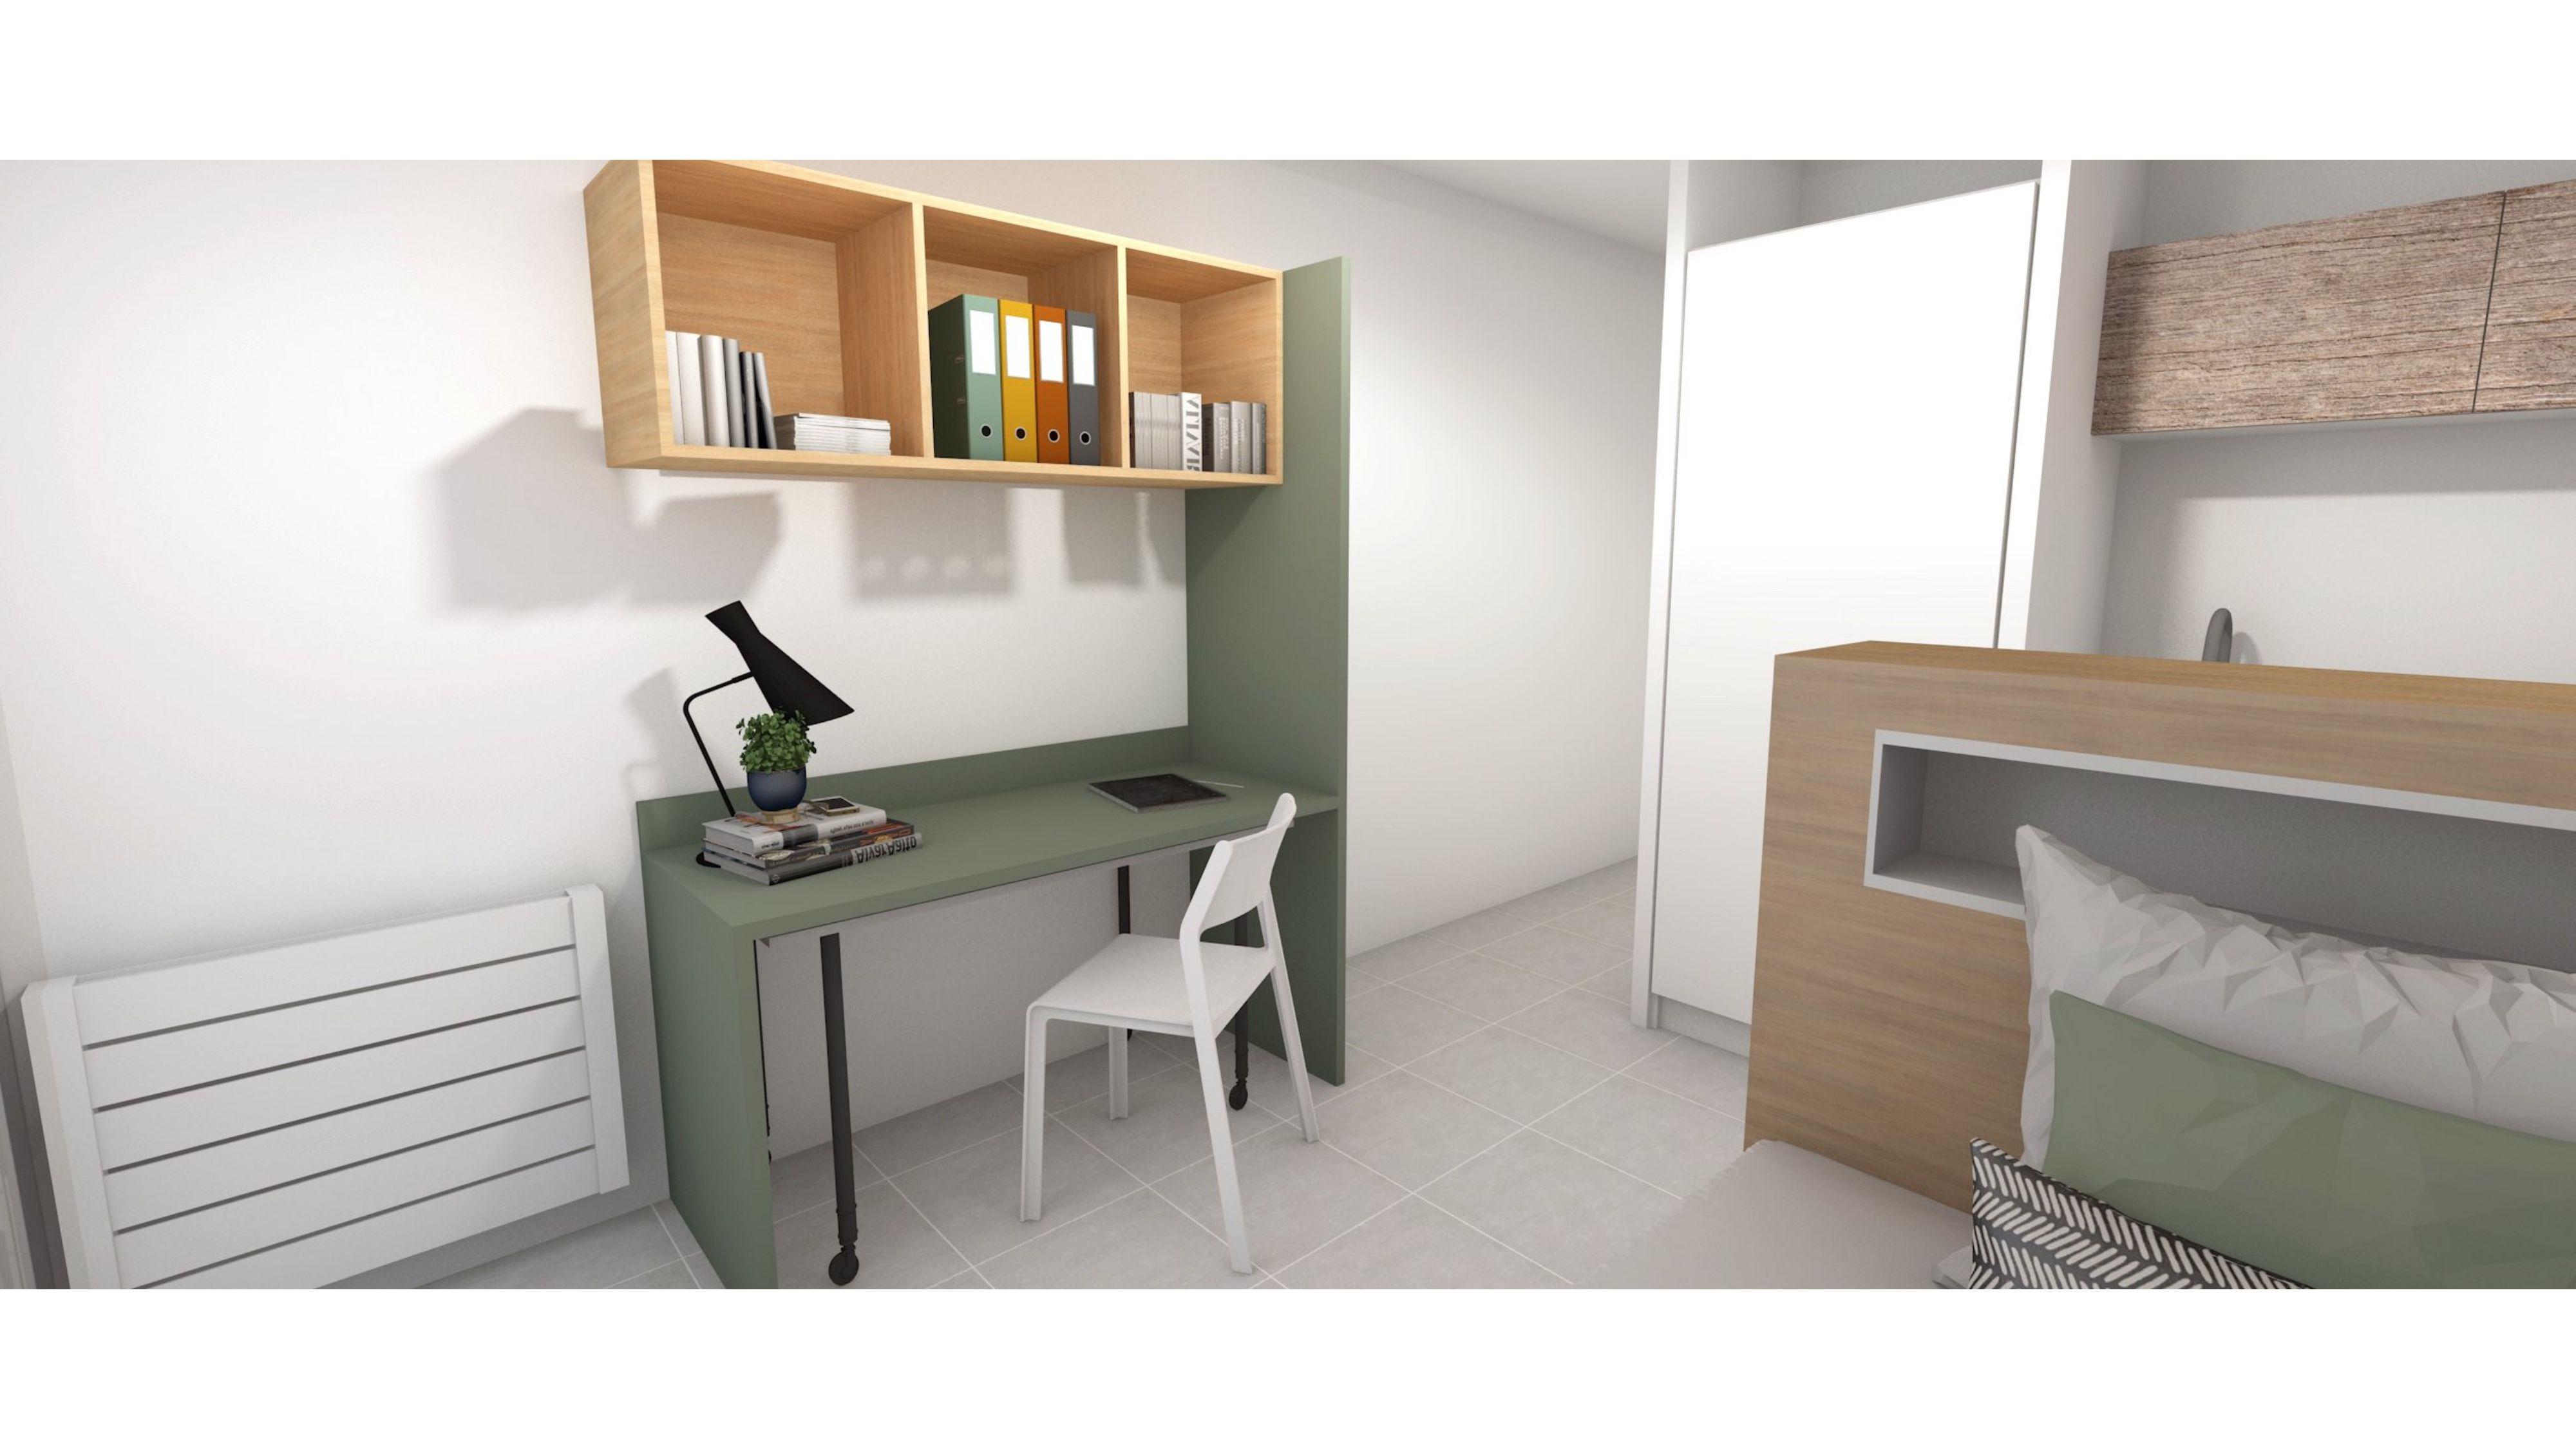 Location résidence étudiante Résidence Gières Campus à Gières - Photo 1